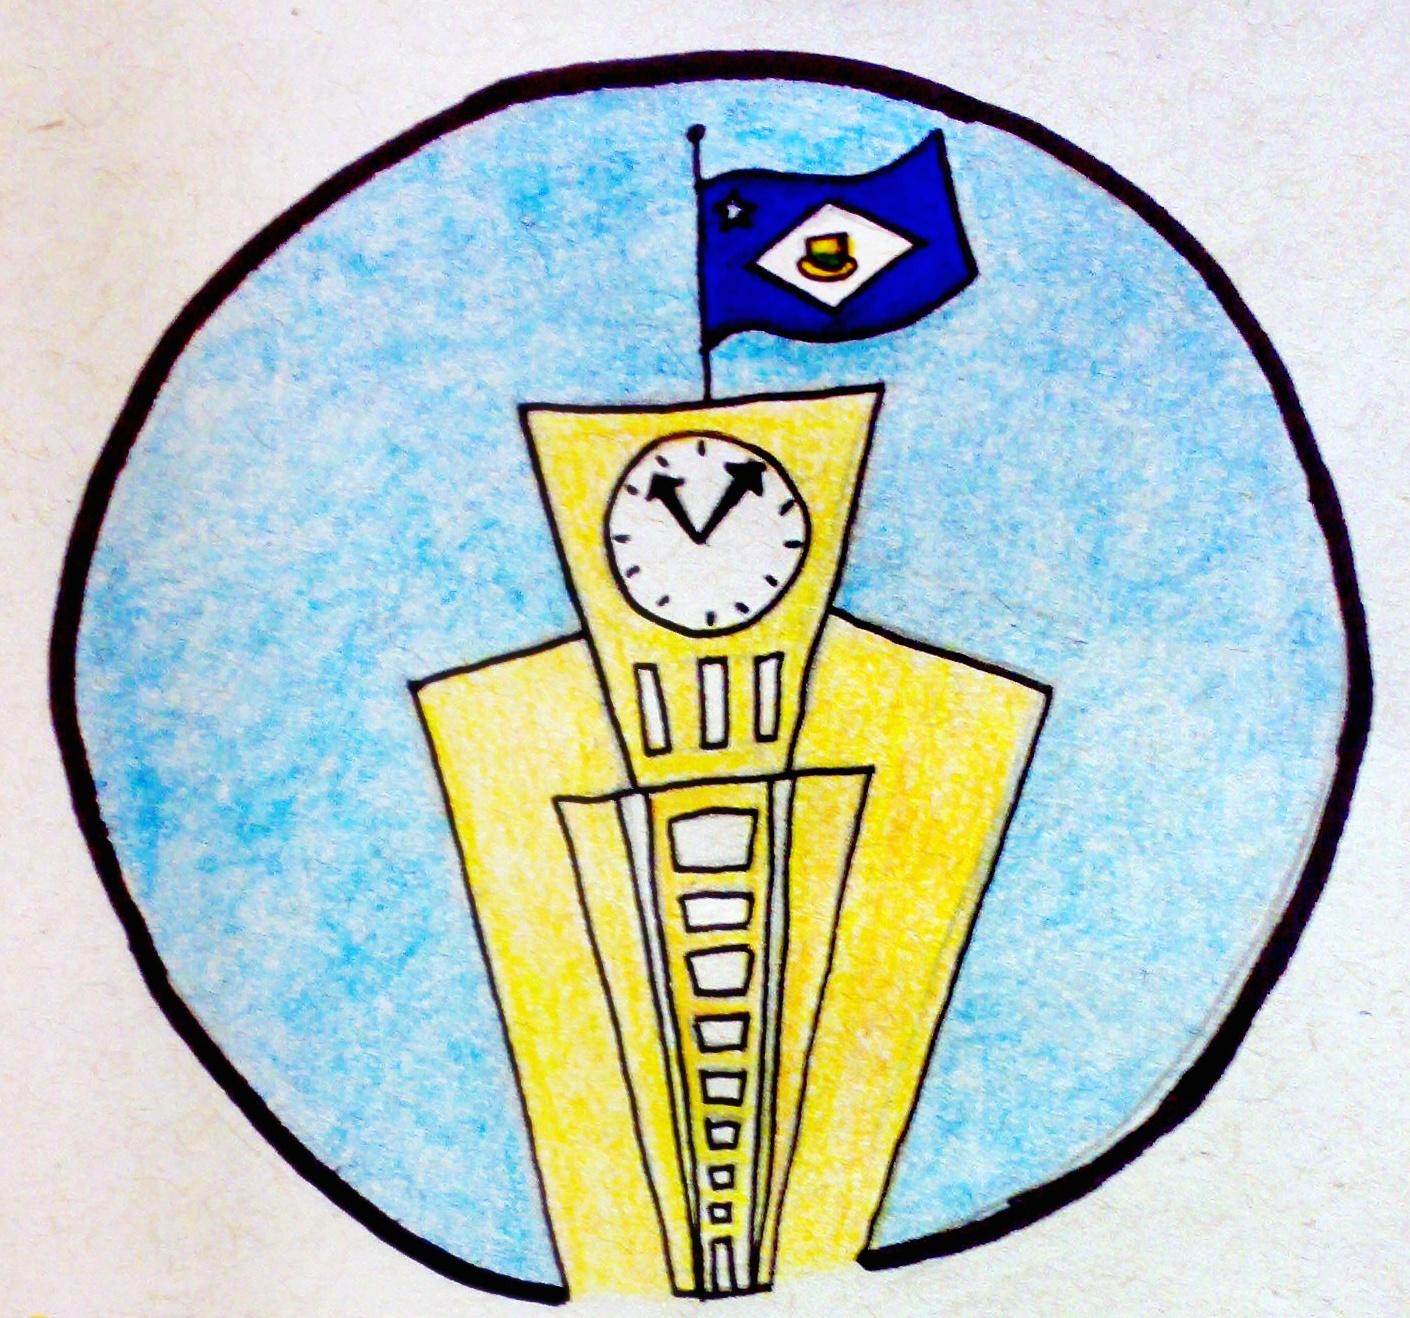 4b027a2d67d Desenho De Relogio Com 6 00 Related Keywords   Suggestions - Desenho ...